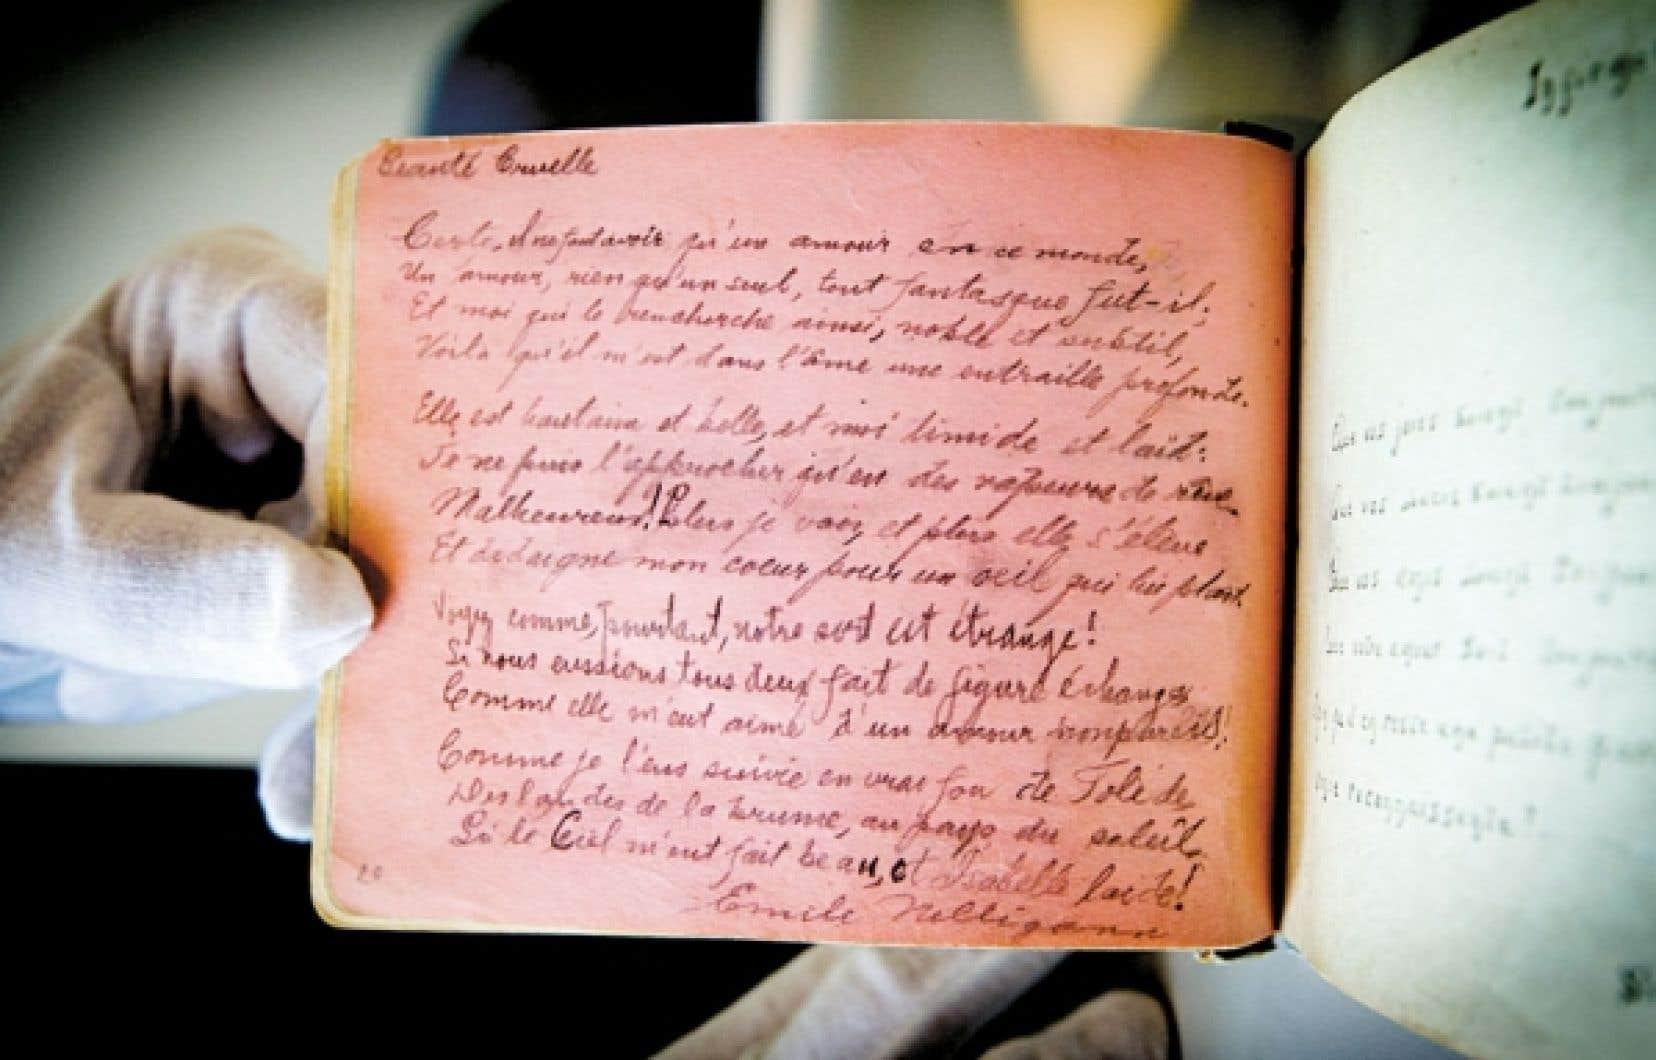 <div> Un des délicats carnets où Émile Nelligan consigna ses écrits durant son long internement à l'asile Saint-Jean-de-Dieu. Le carnet s'ouvre sur Déraison, poème qui fut omis du premier recueil de ses œuvres publié par son premier biographe, Louis Dantin.</div>